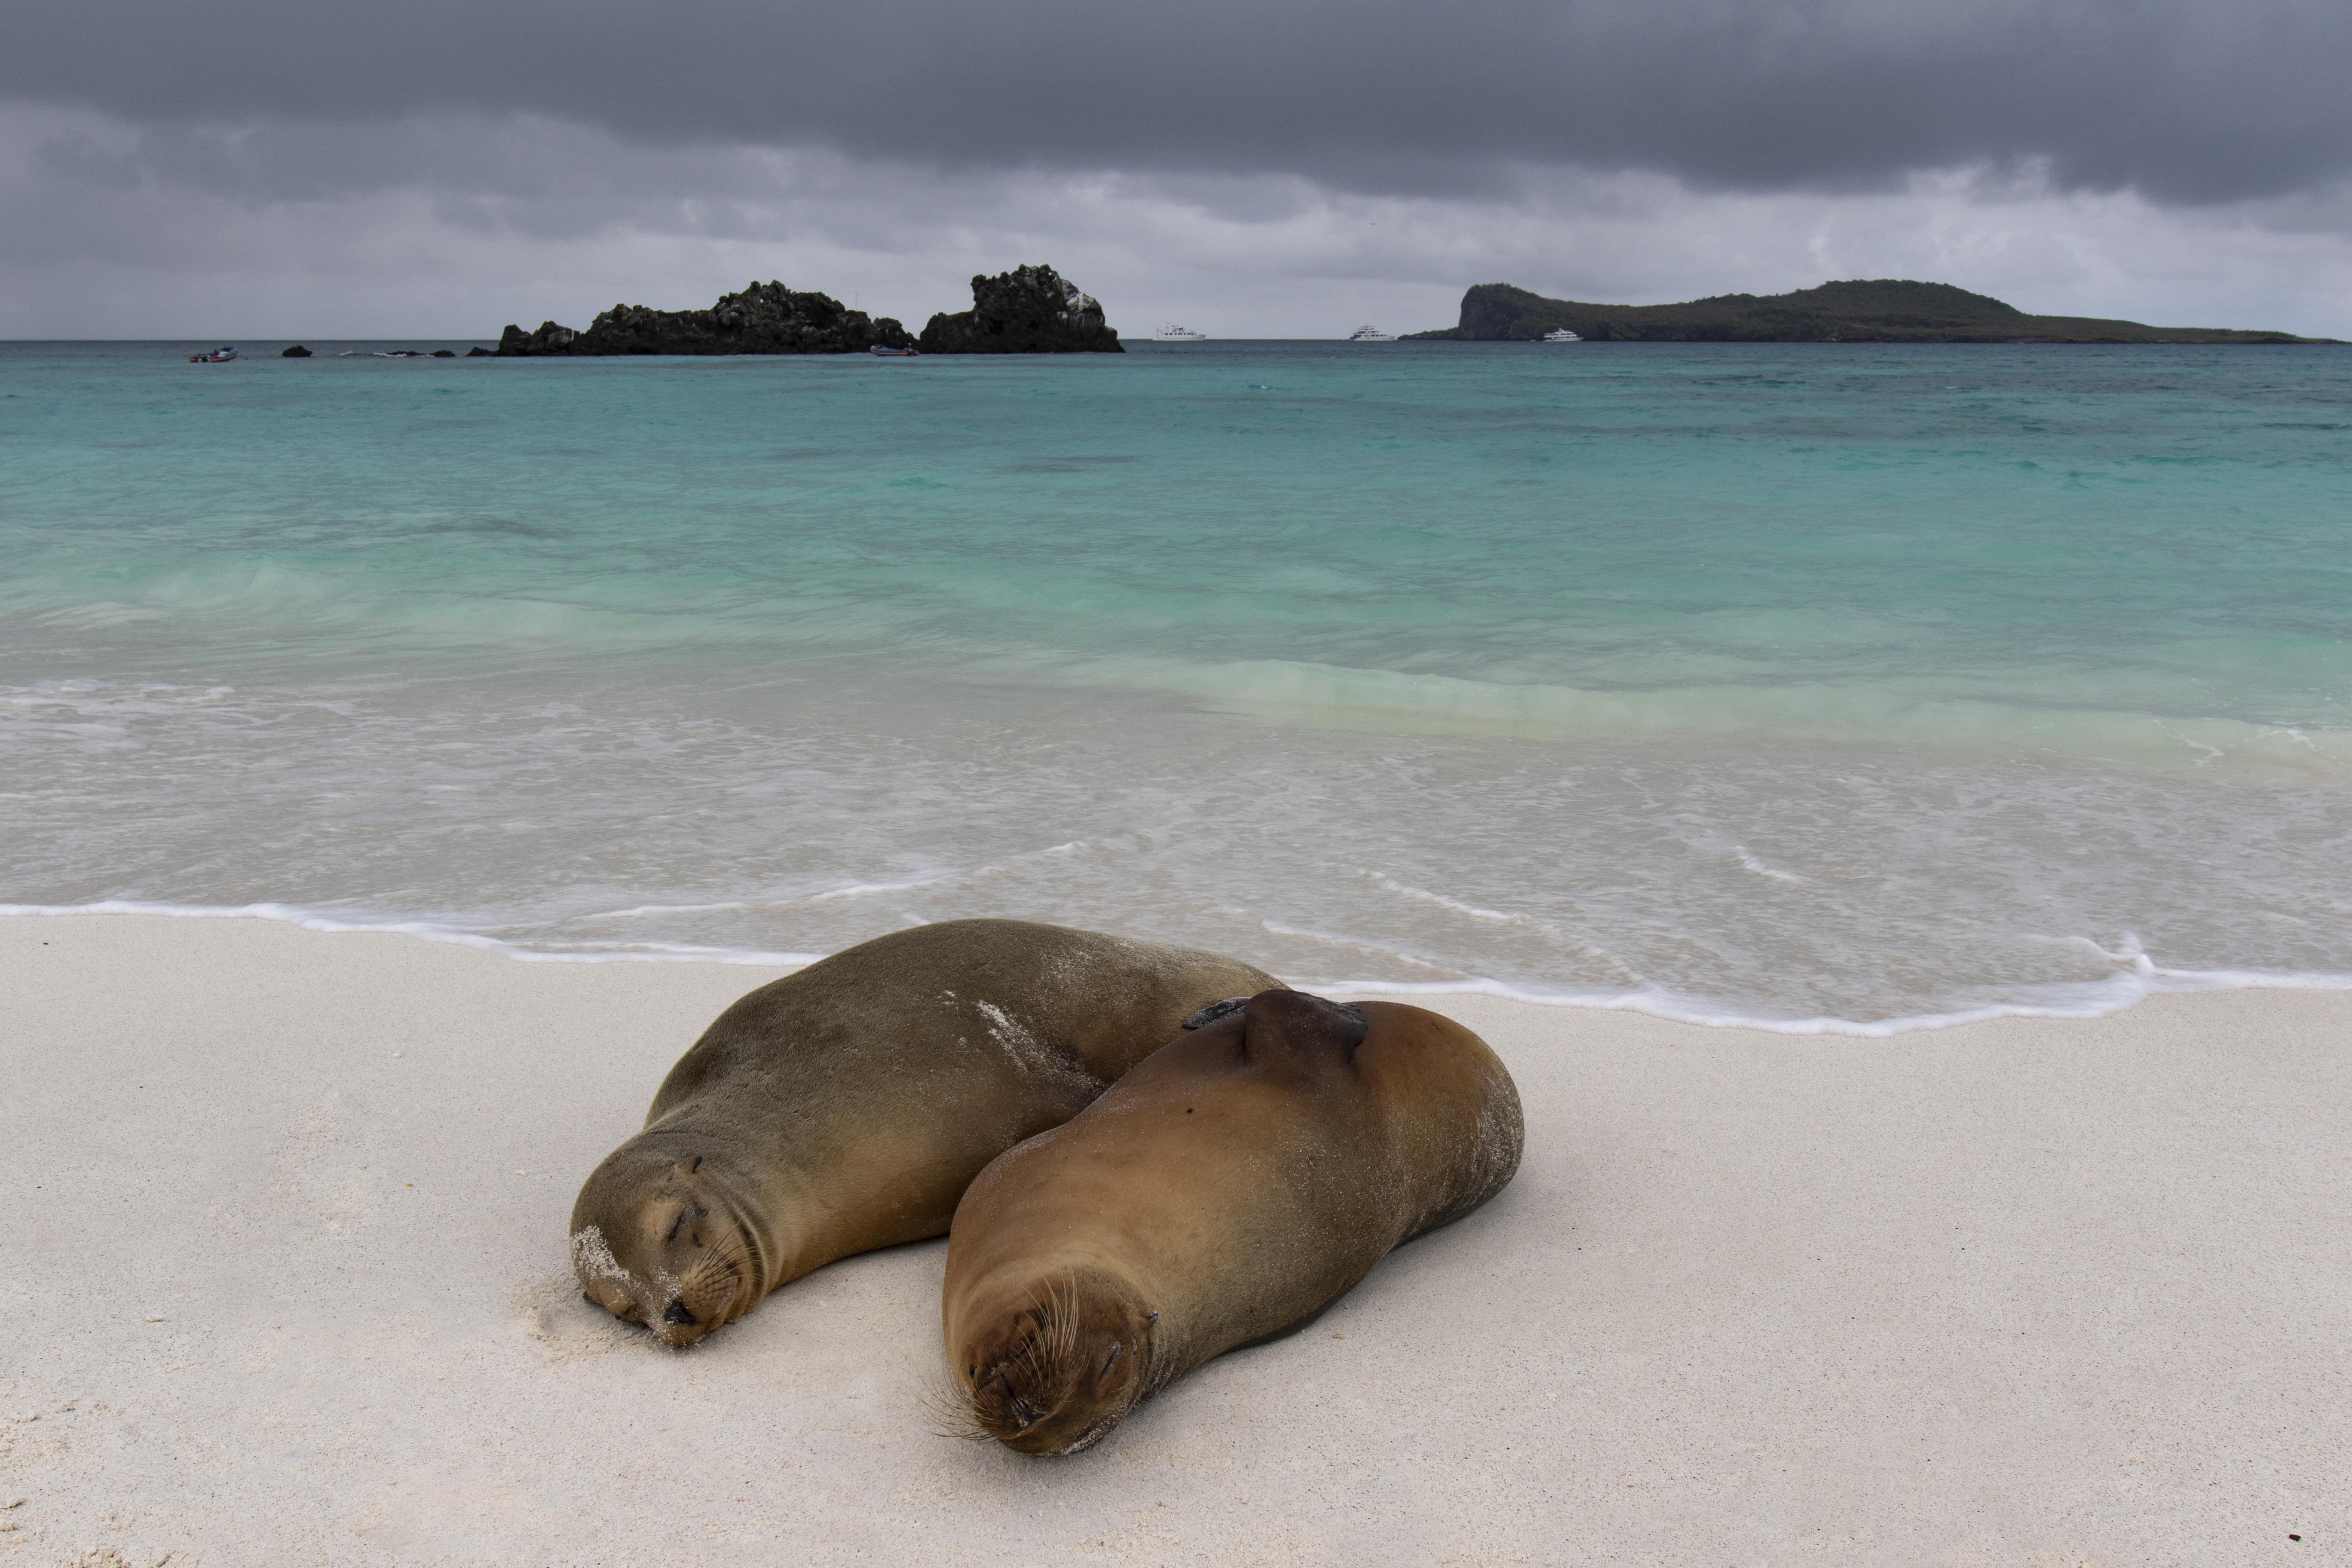 Riadót fújtak a Galápagos-szigeteknél, miután 260 kínai halászhajó jelent meg a térségben